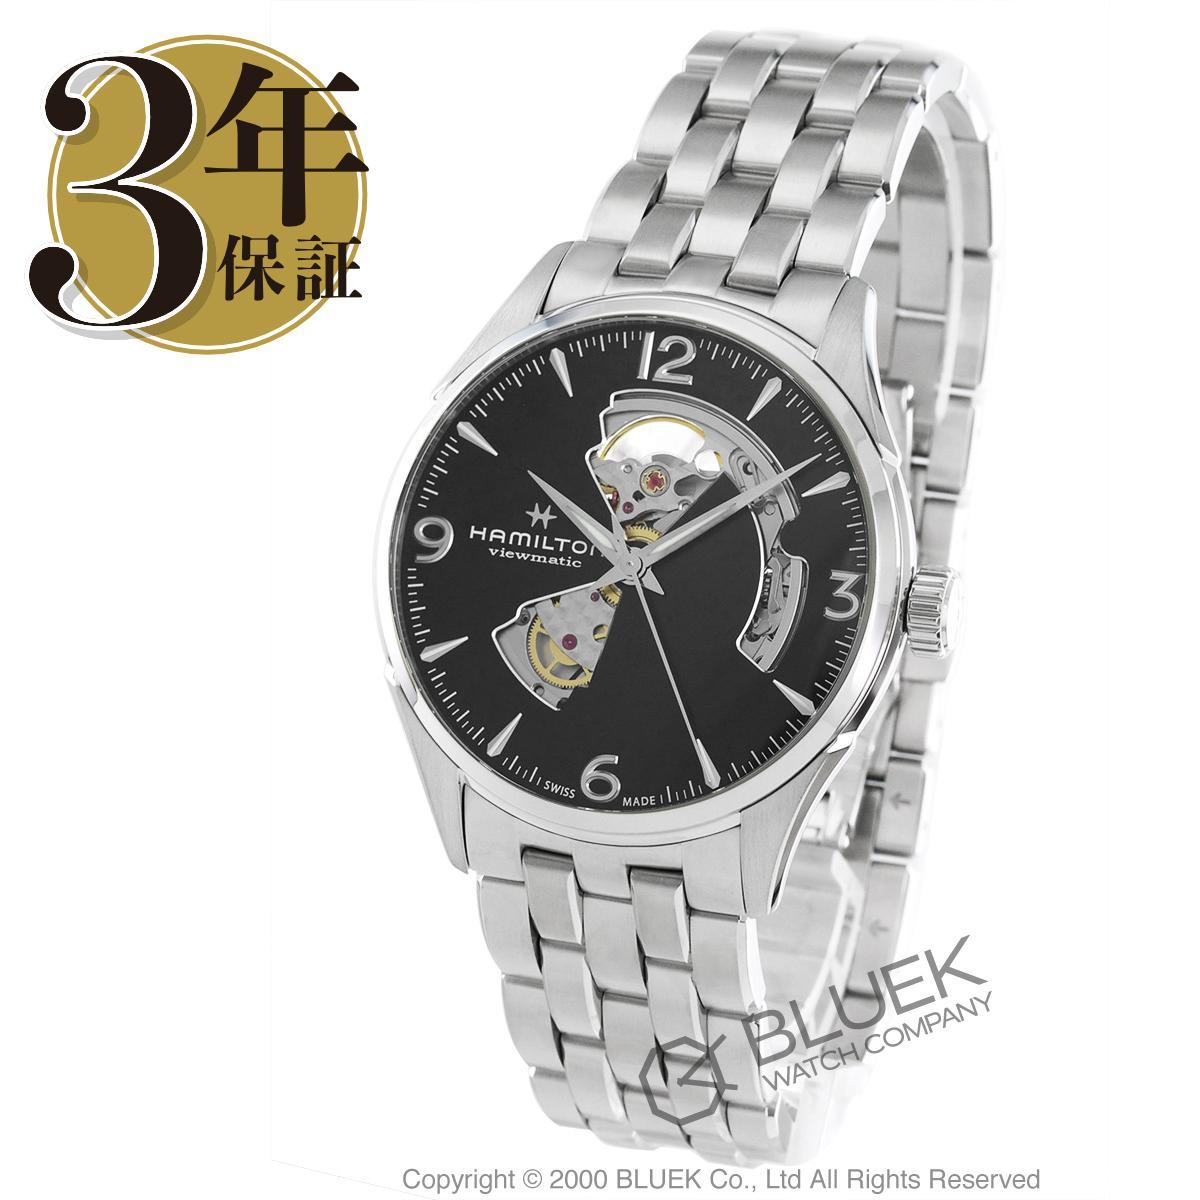 ハミルトン ジャズマスター ビューマチック オープンハート 腕時計 メンズ HAMILTON H32705131_8 バーゲン 成人祝い ギフト プレゼント